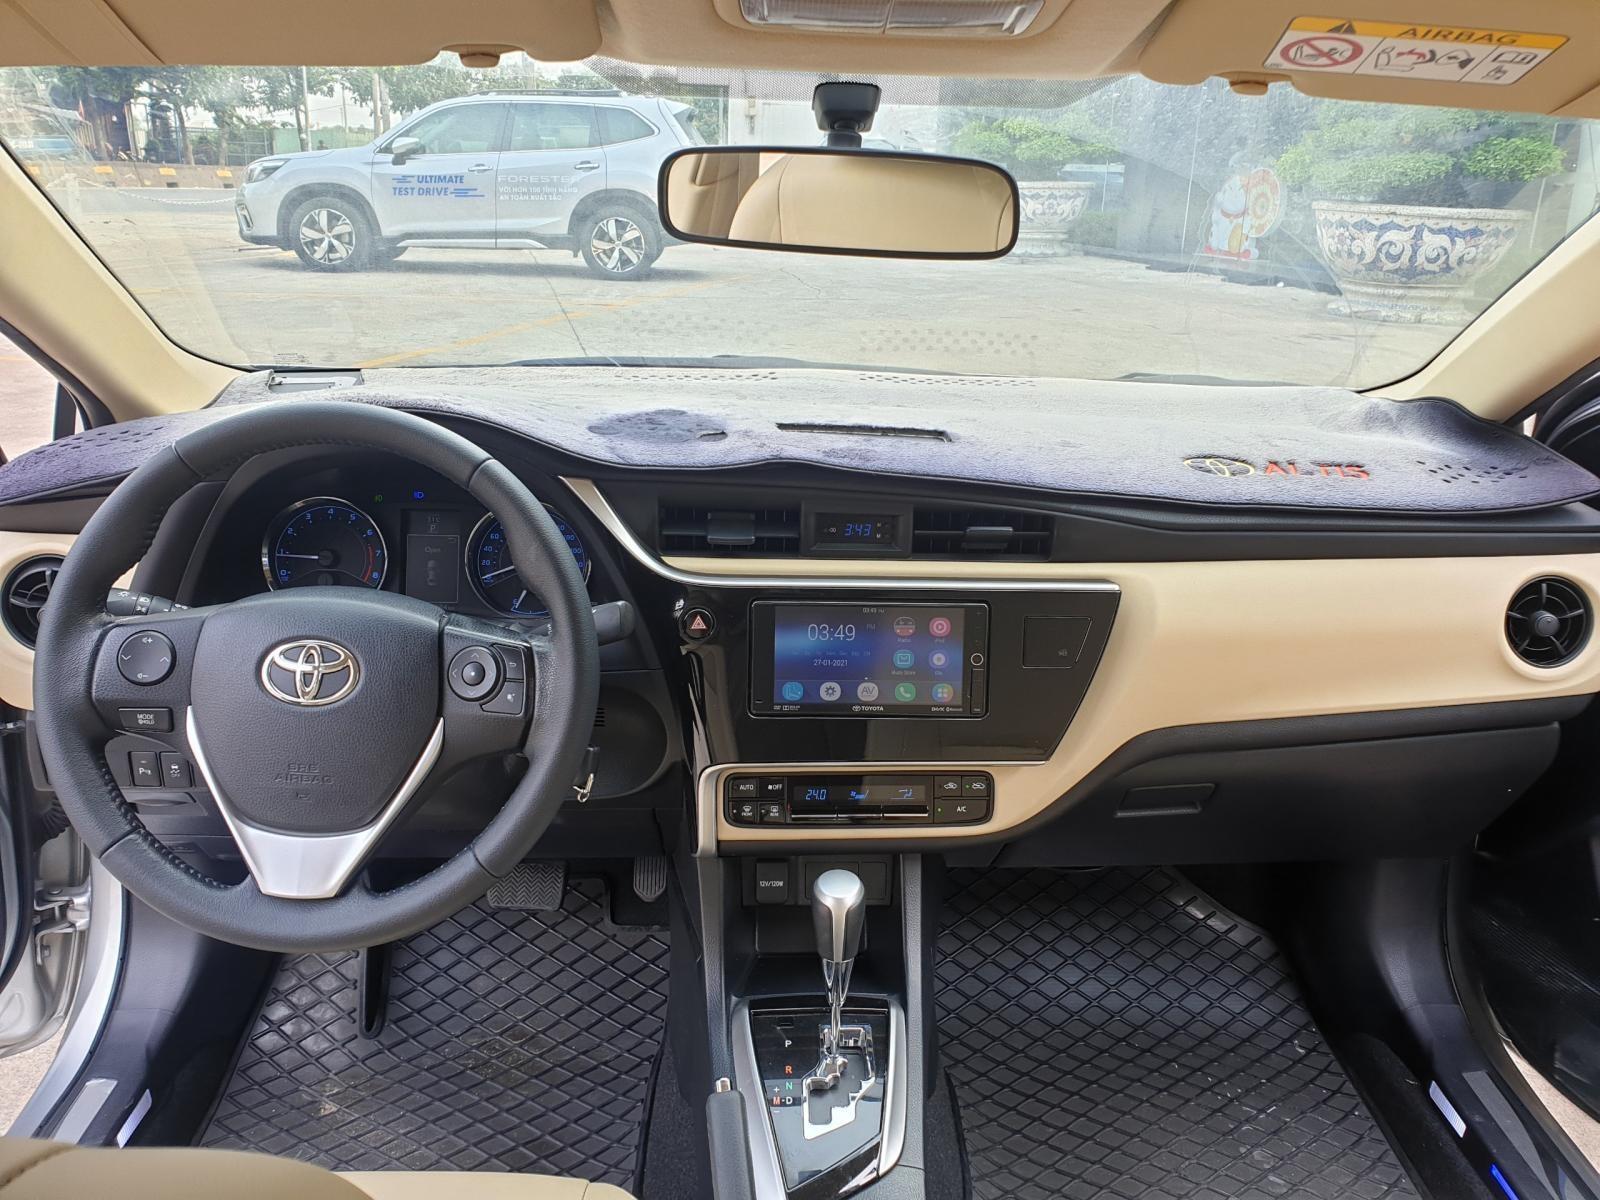 Cần bán xe Toyota Altis 1.8G AT 2018 màu bạc, xe đi ít giữ kĩ chính hãng Toyota Sure